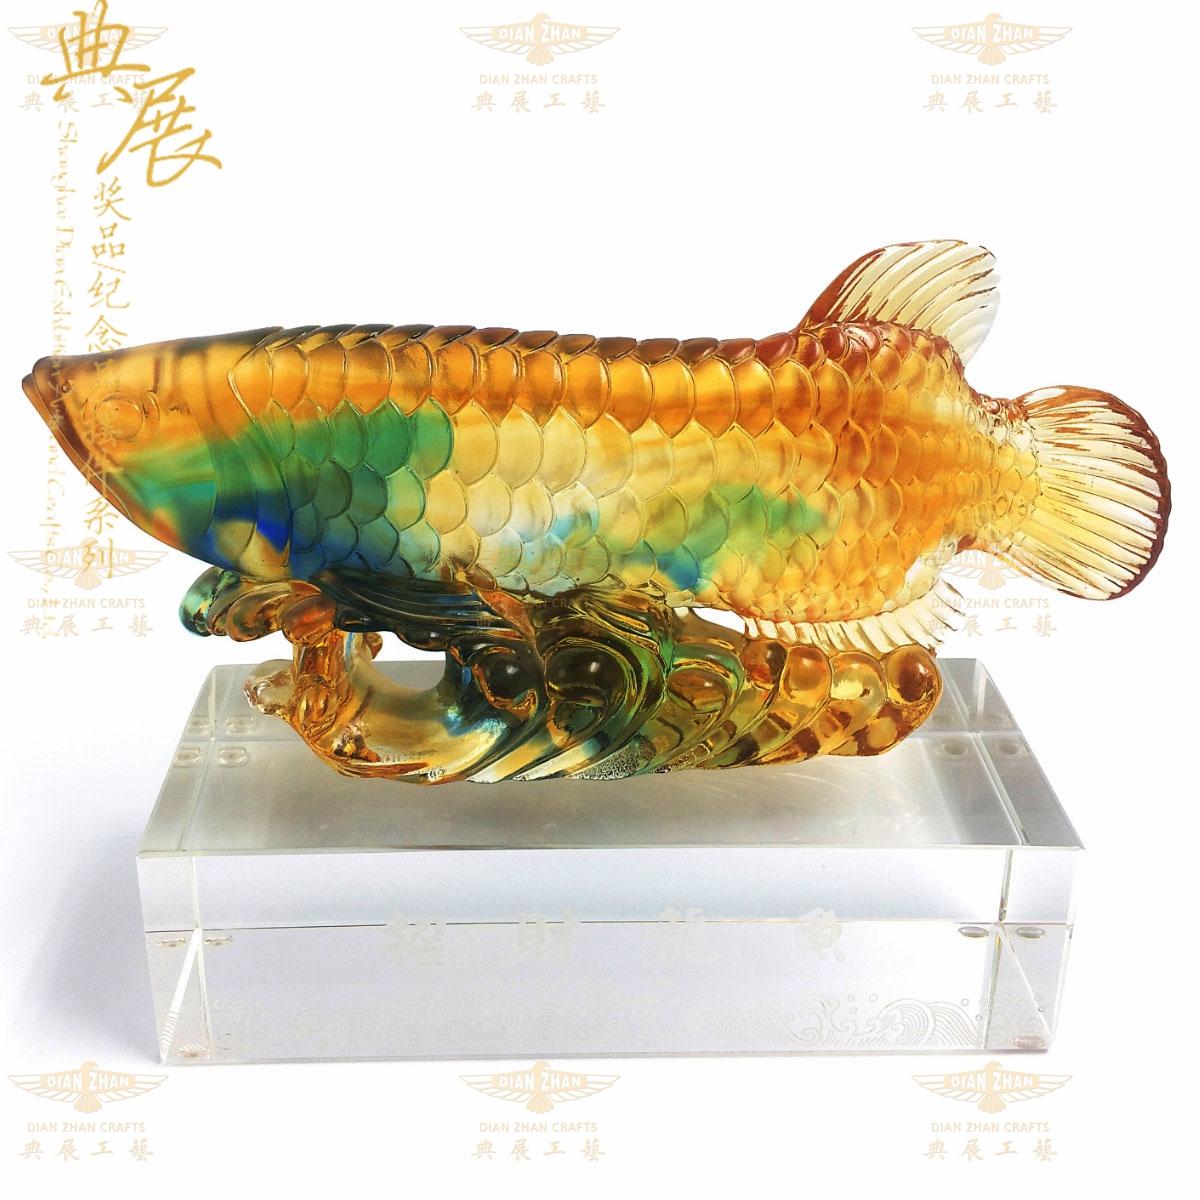 琉璃生肖賀歲紀念品批發,武漢企業定做嘉賓禮品,銀行客戶紀念品